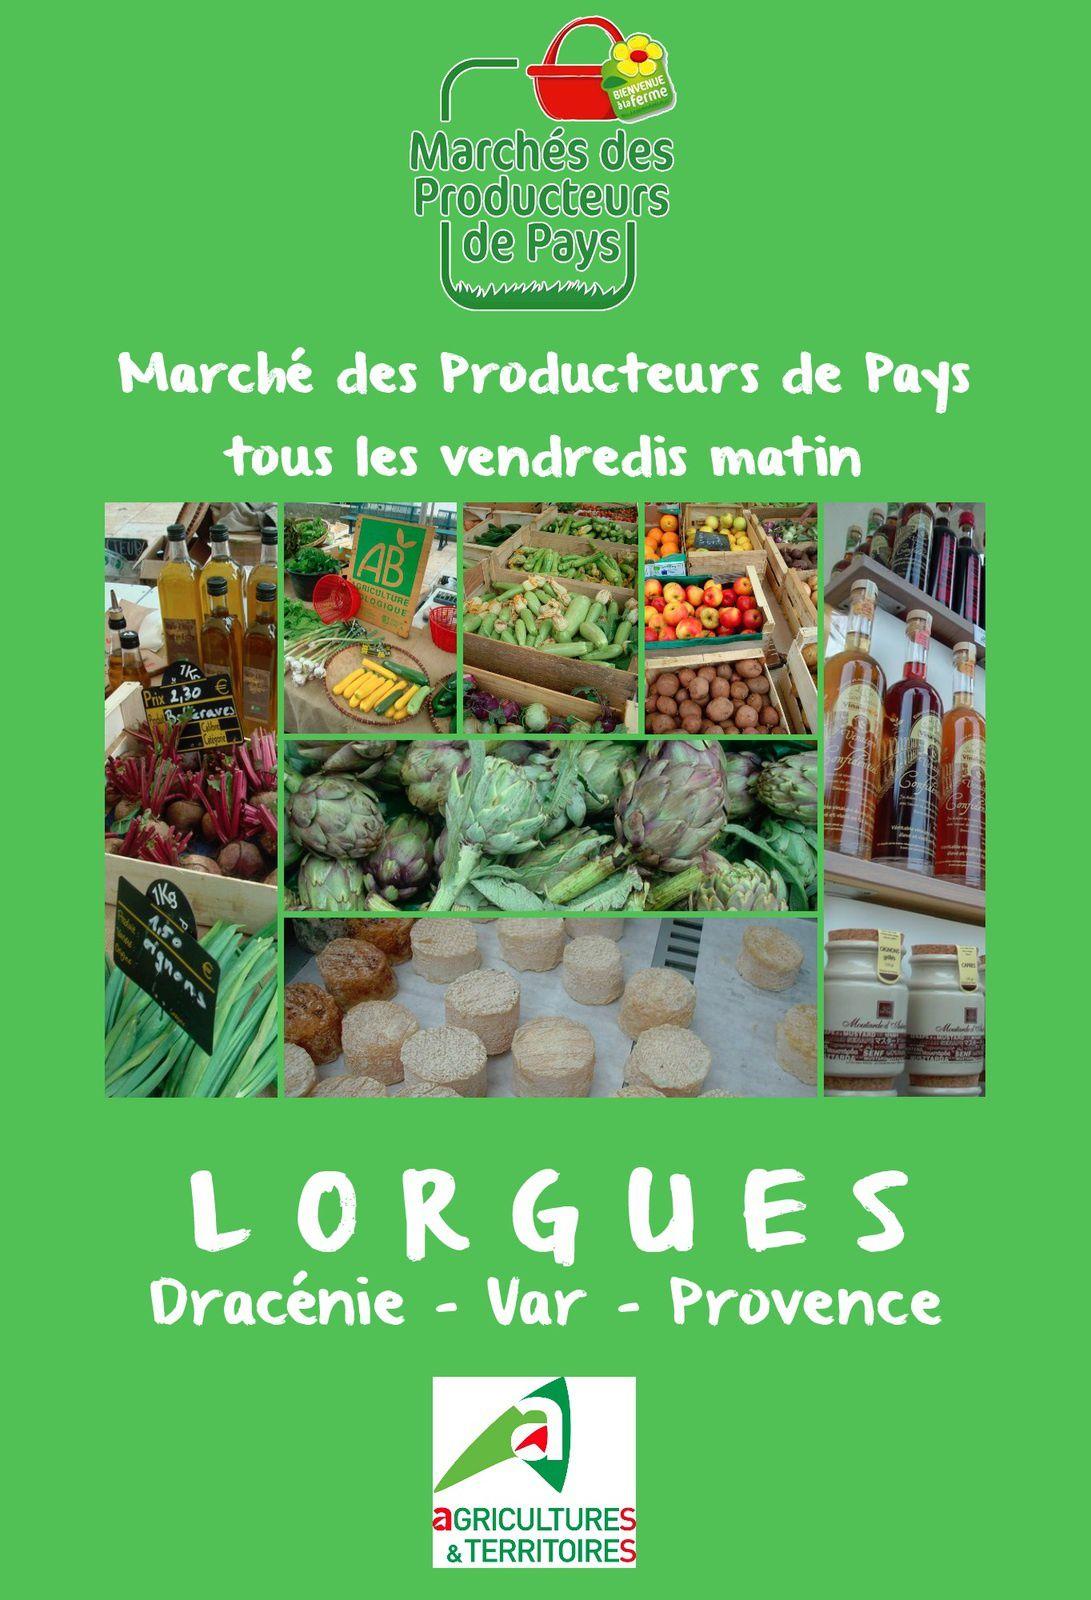 Tous les vendredis matin à Lorgues, marché des producteurs de pays